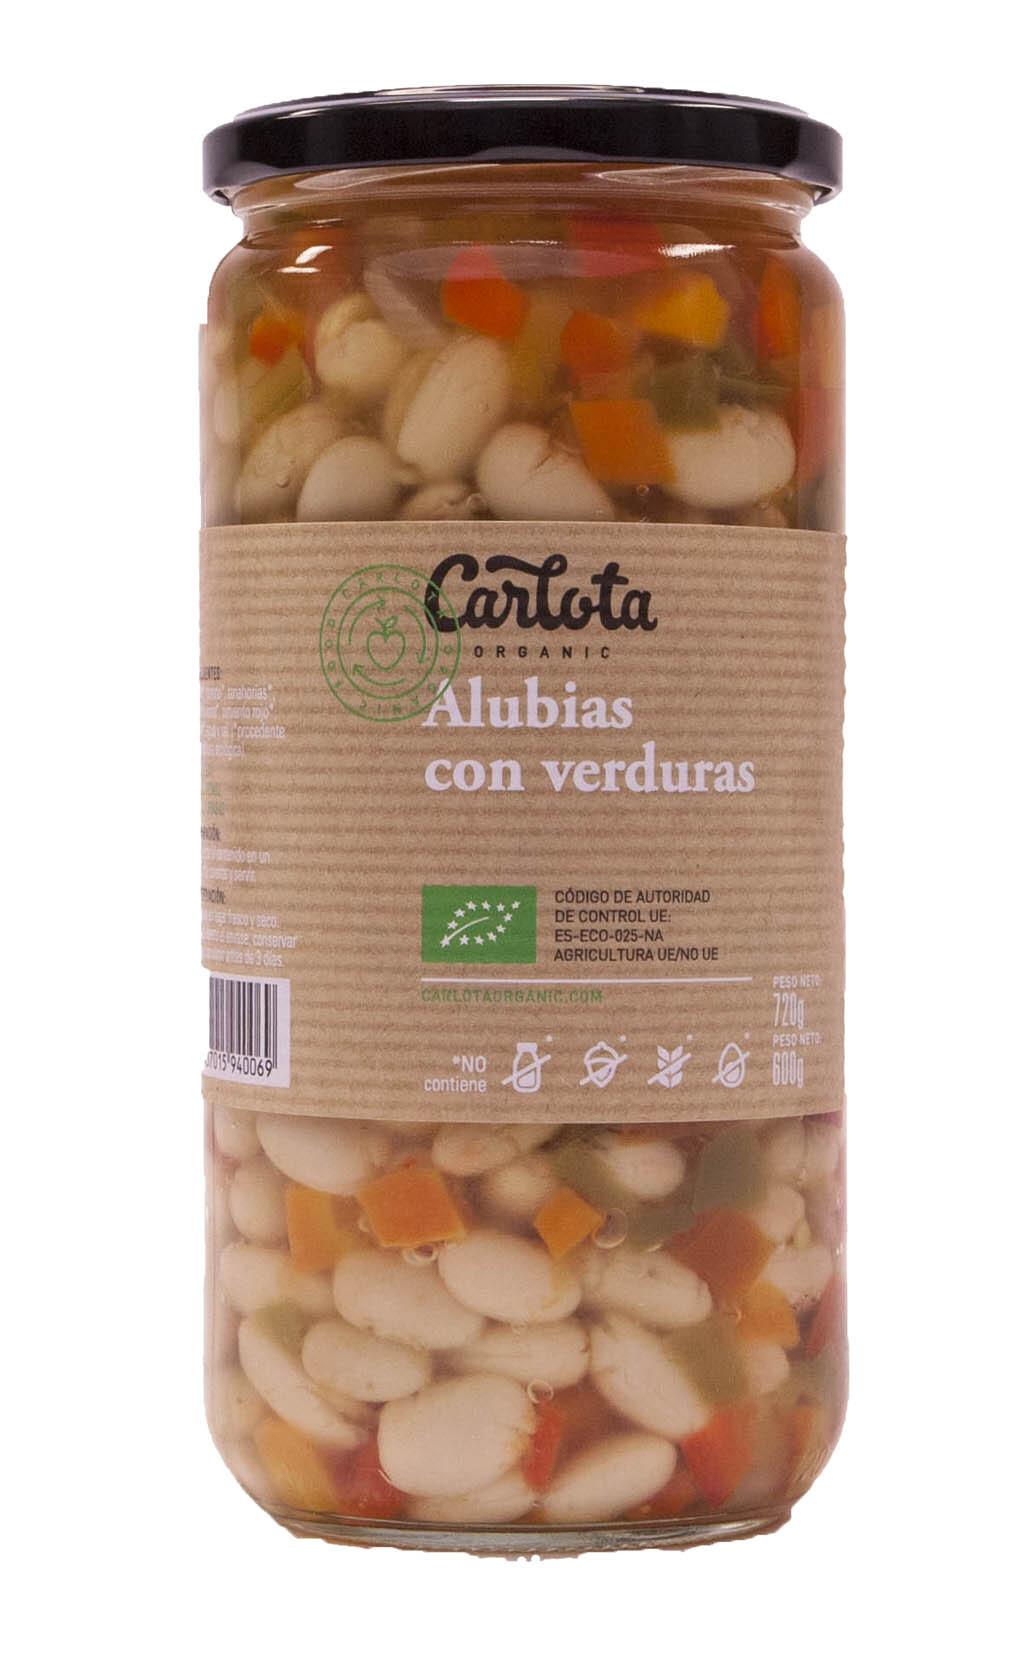 ALUBIAS CON VERDURAS 720gr CARLOTA ORGANIC en Biovegalia